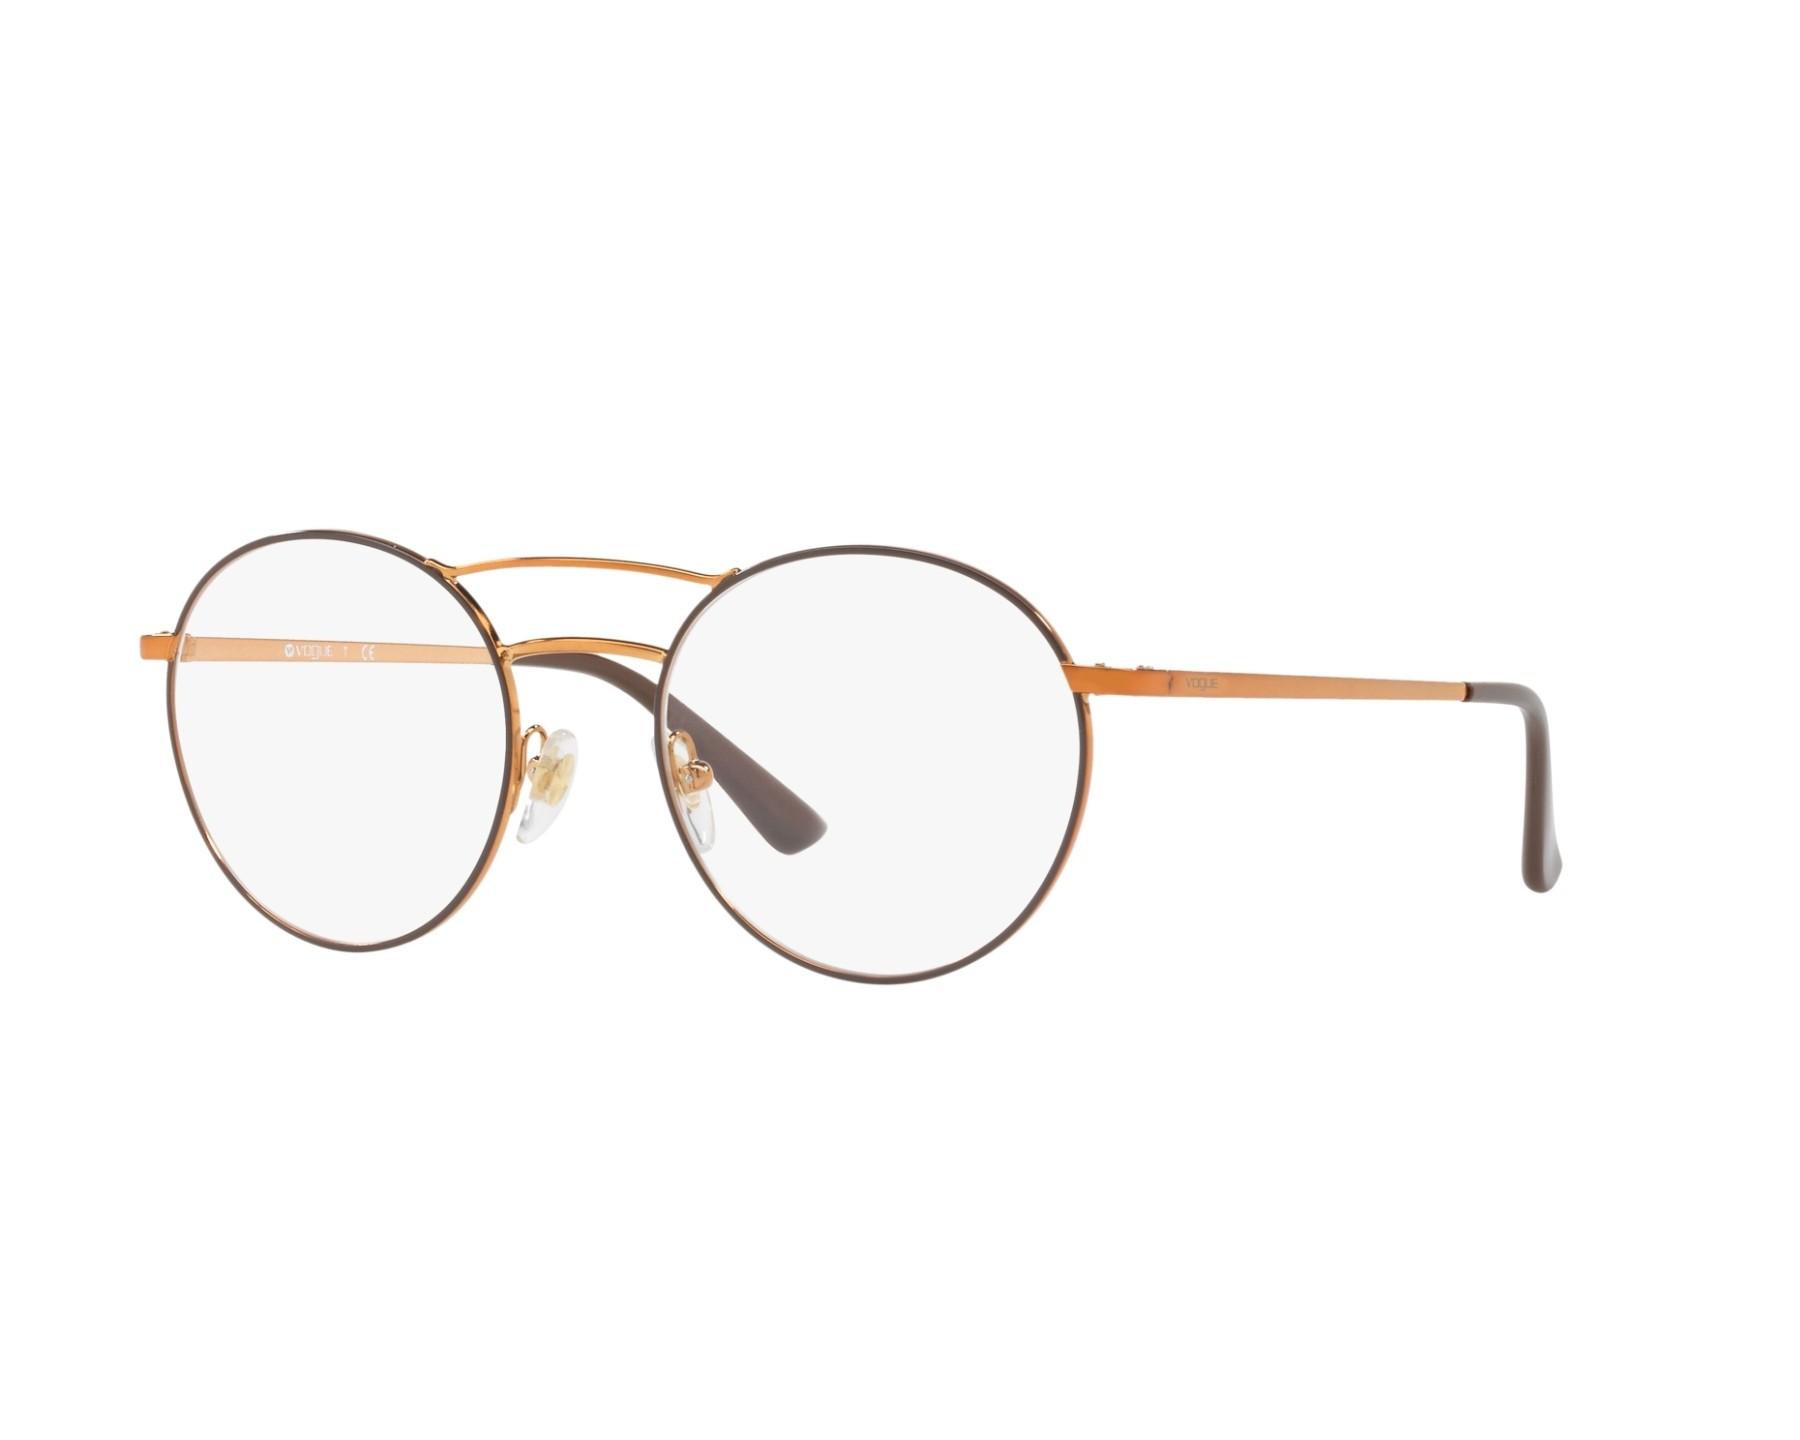 63d1fb3773f13f Lunettes de vue Vogue VO-4059 5021 50-19 Marron Copper